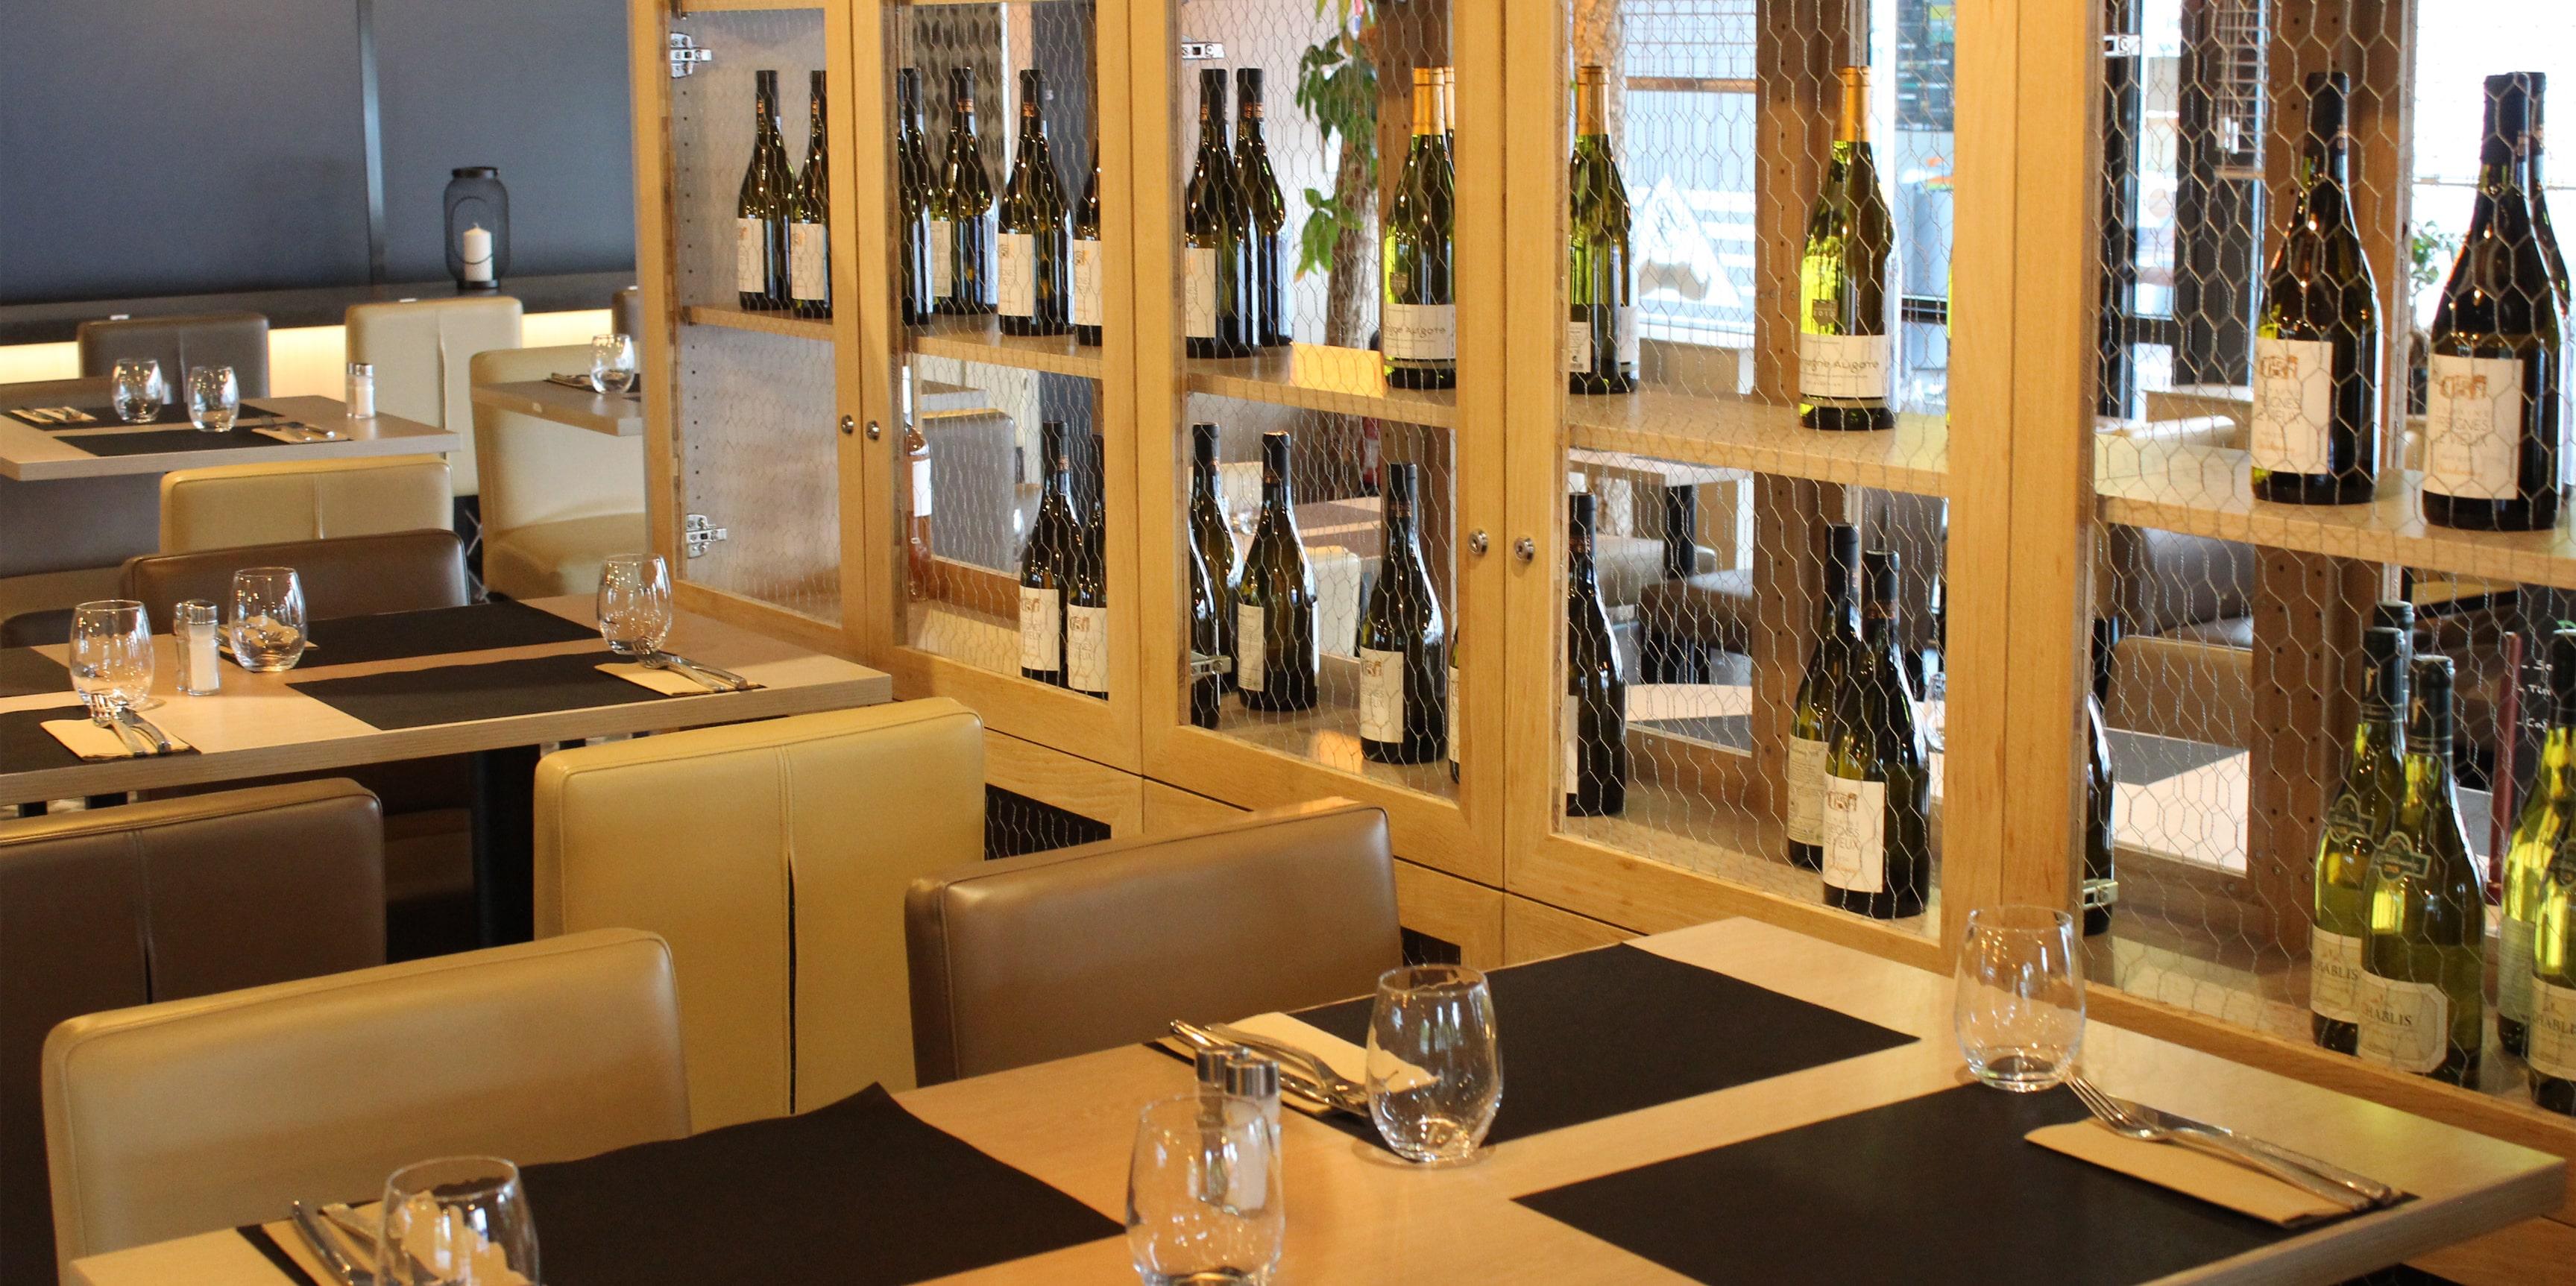 Restaurant Caen-Brasserie Laurent-accueil-slider1